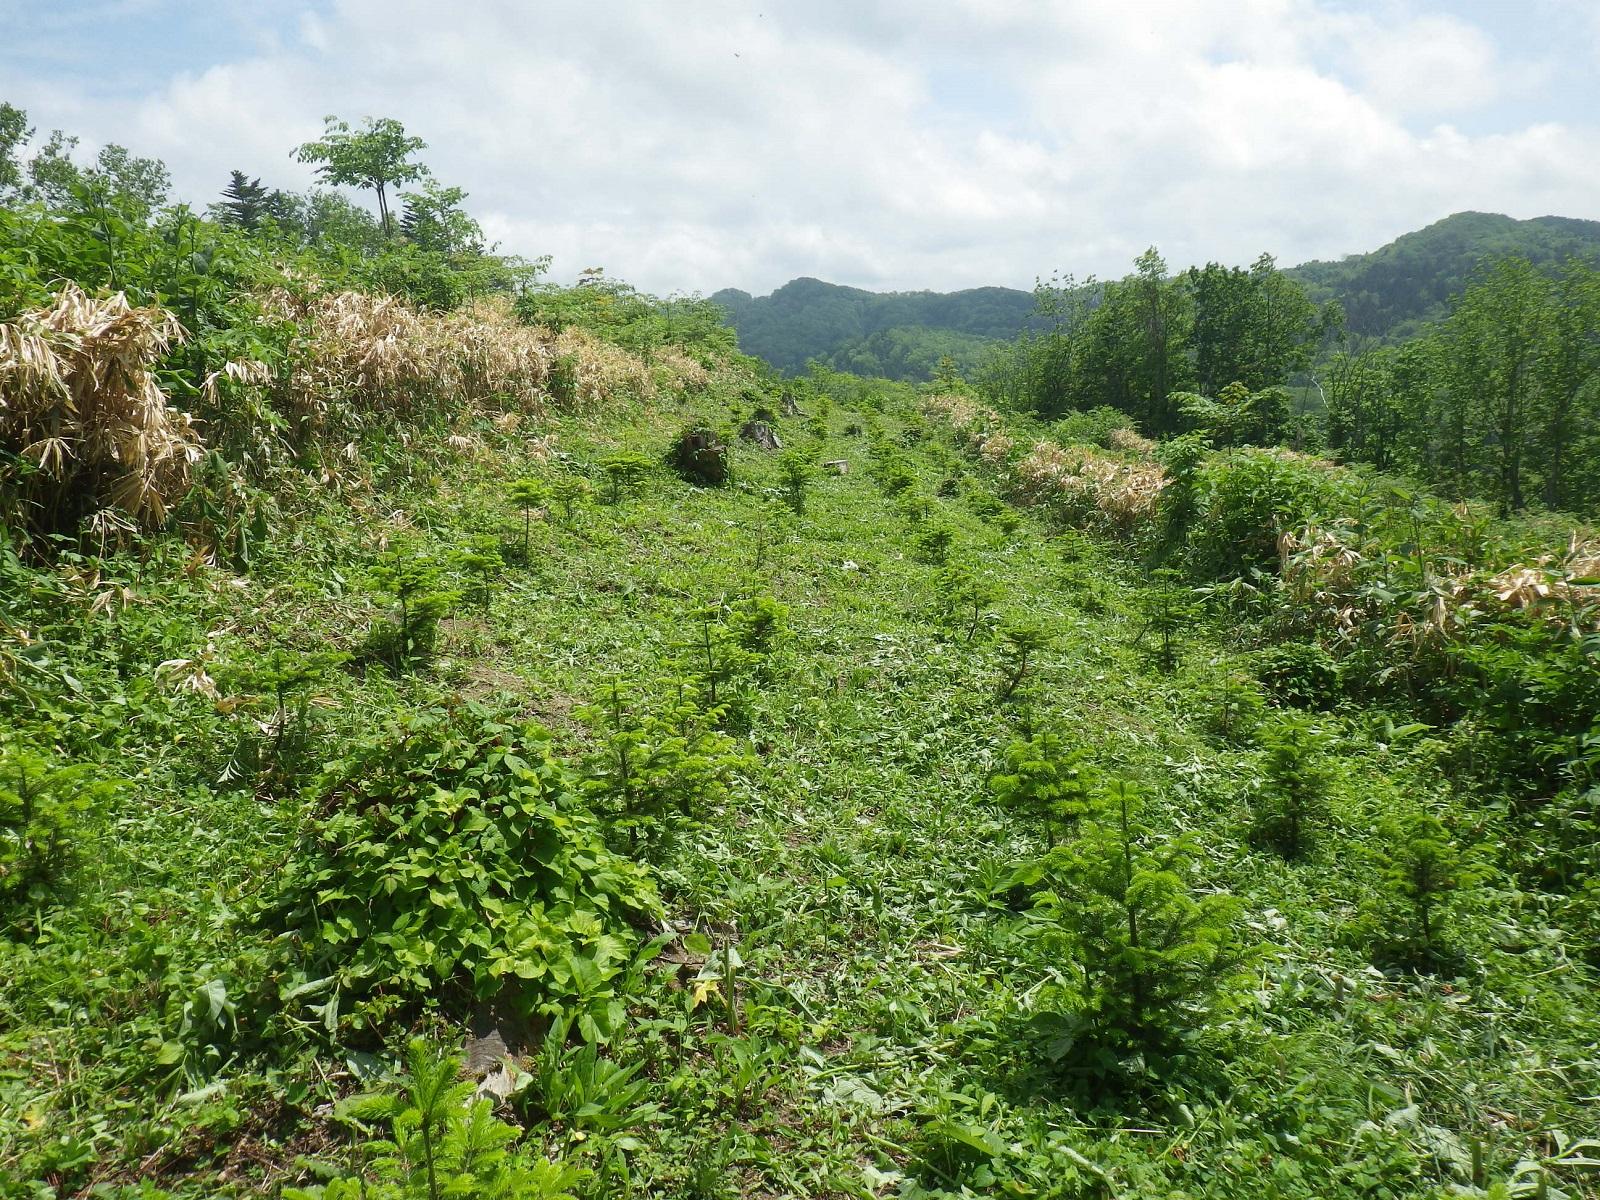 下刈りとは、苗木を守るために雑草を刈り取る草刈り作業のことです。